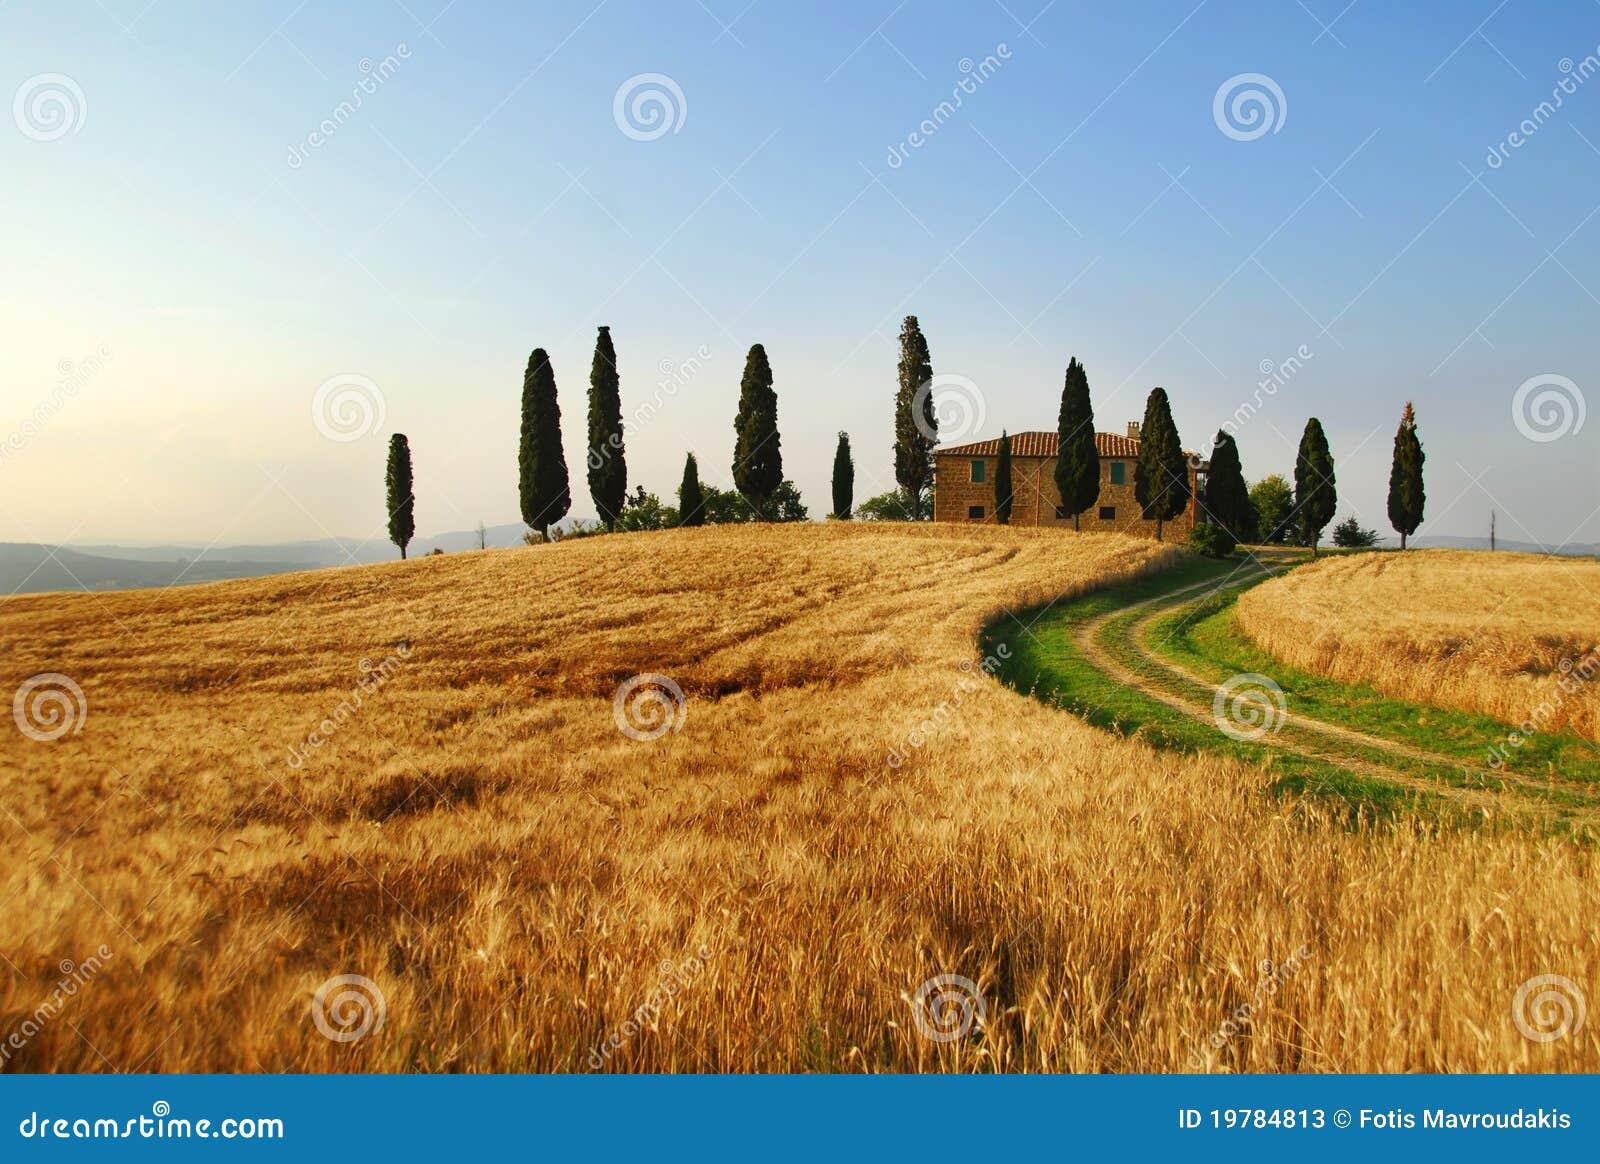 Maison de campagne de la toscane photos stock image for Disegni di case toscane